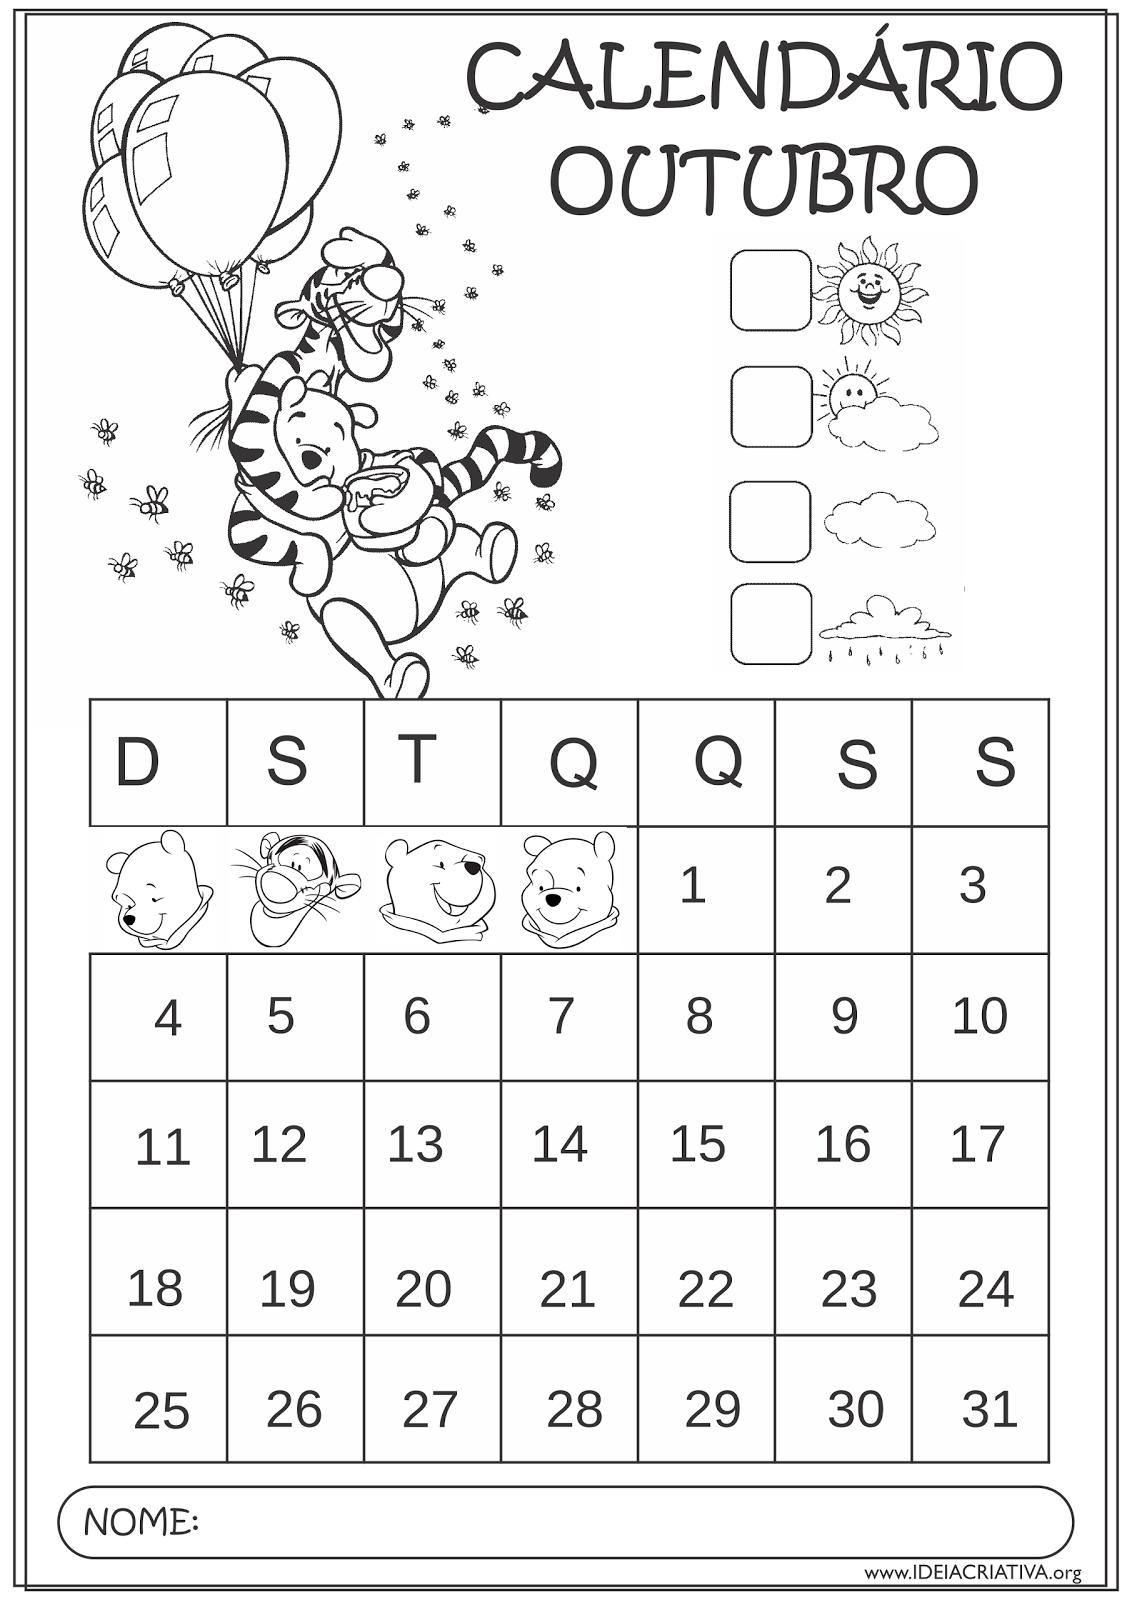 Calendários Outubro 2015 Turma do Ursinho Pooh Educação Infantil